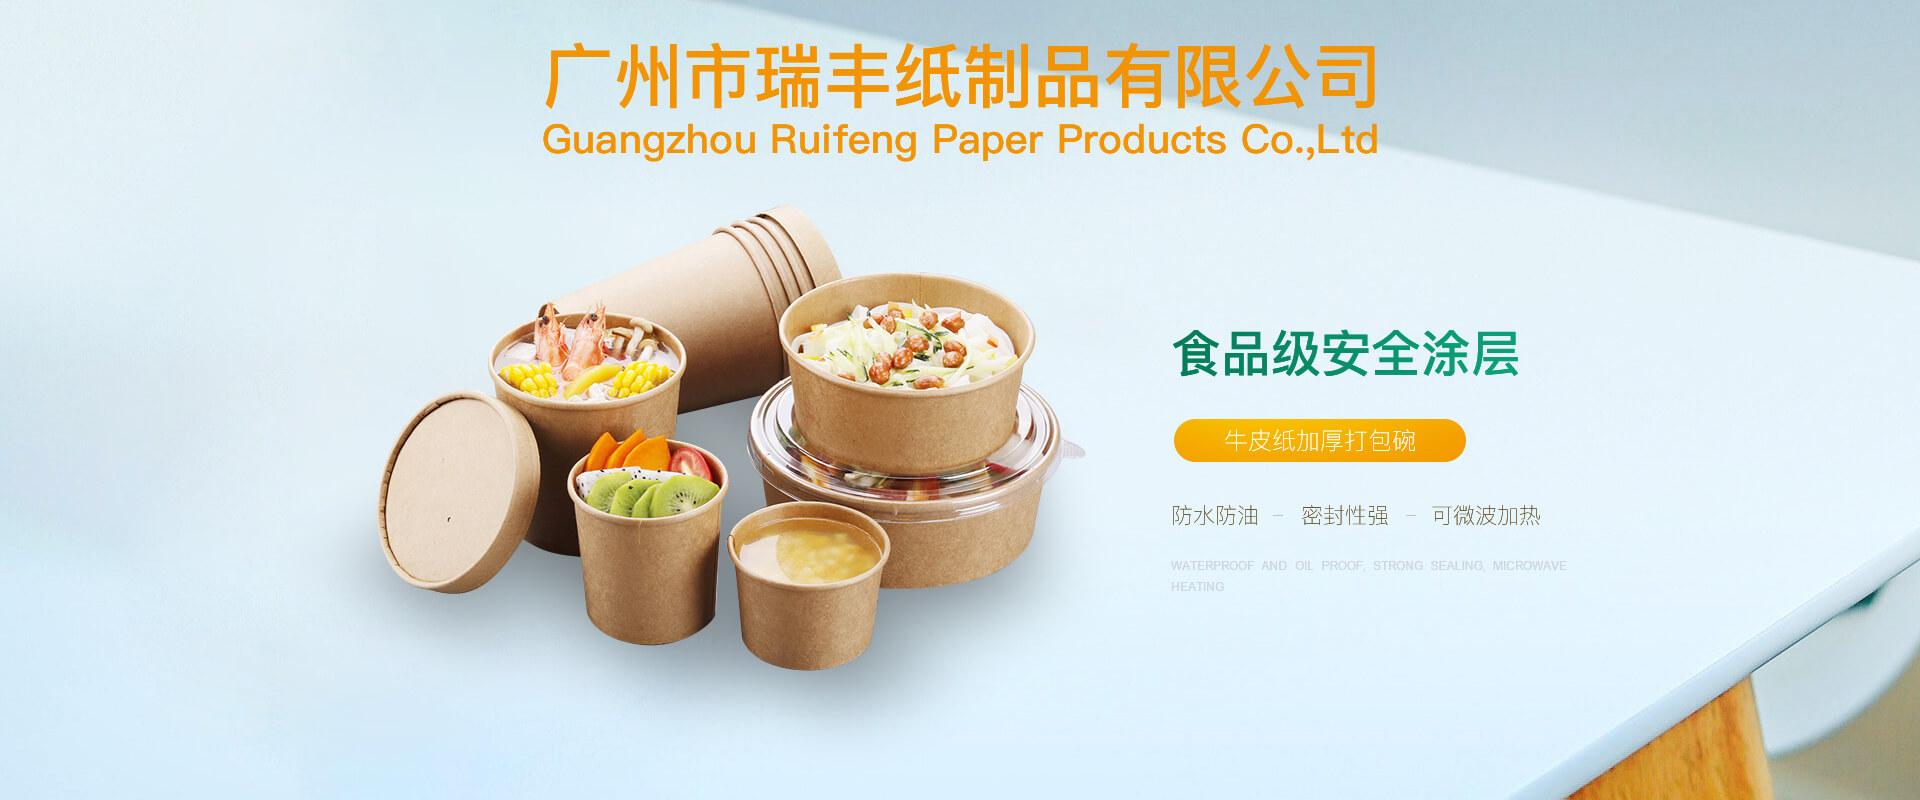 广州市瑞丰纸制品有限公司